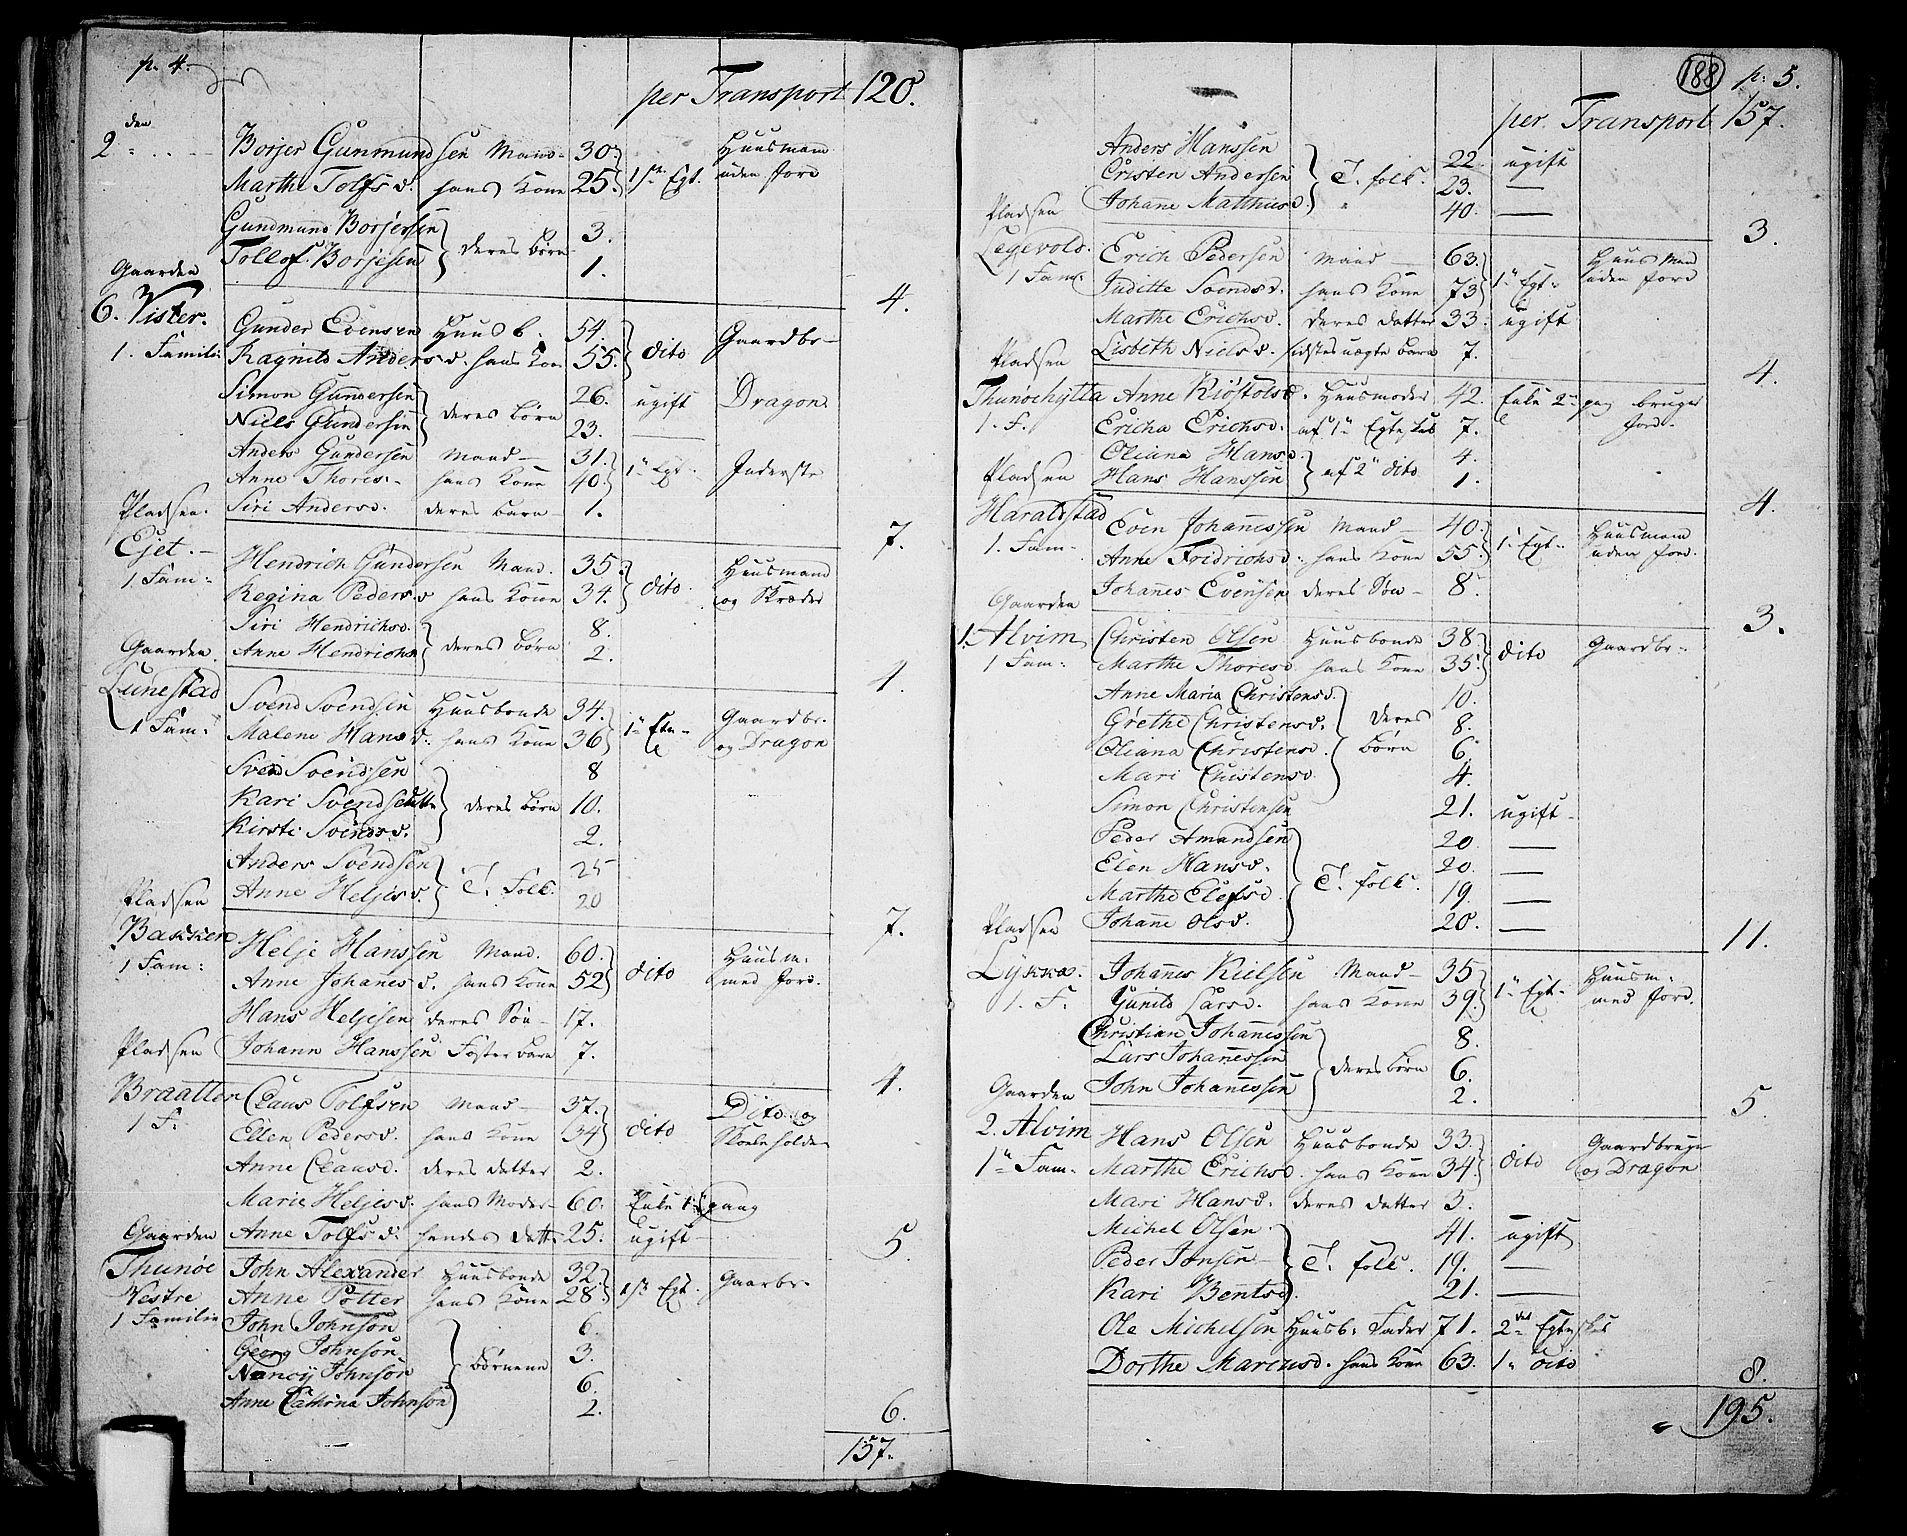 RA, Folketelling 1801 for 0130P Tune prestegjeld, 1801, s. 187b-188a